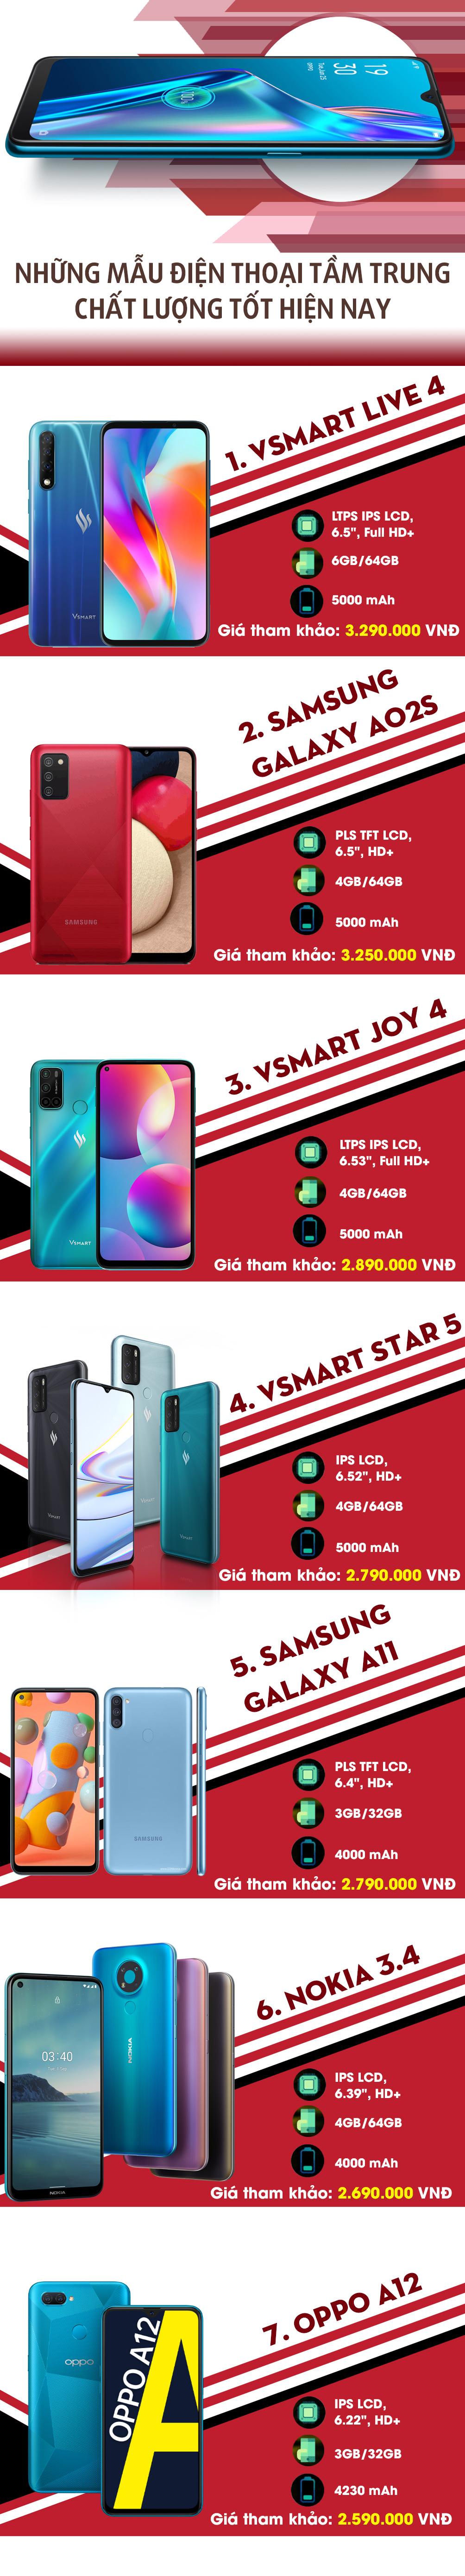 Đừng bỏ lỡ những mẫu điện thoại giá rẻ nhưng chất lượng tốt hiện nay - 1